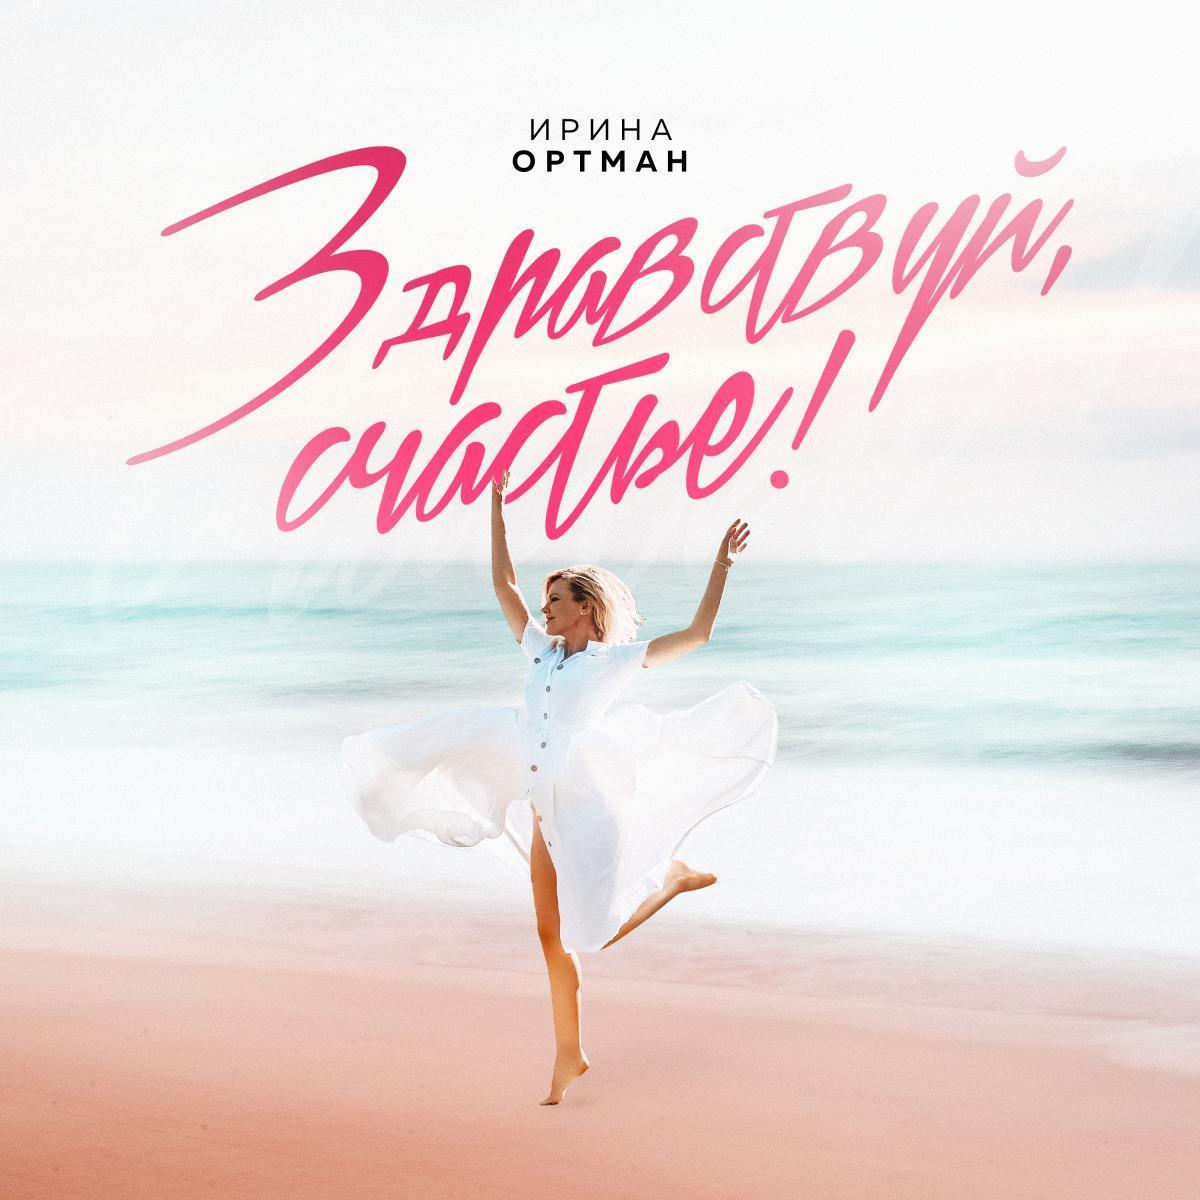 """Ирина Ортман выпустила песню """"Здравствуй, Счастье!"""""""